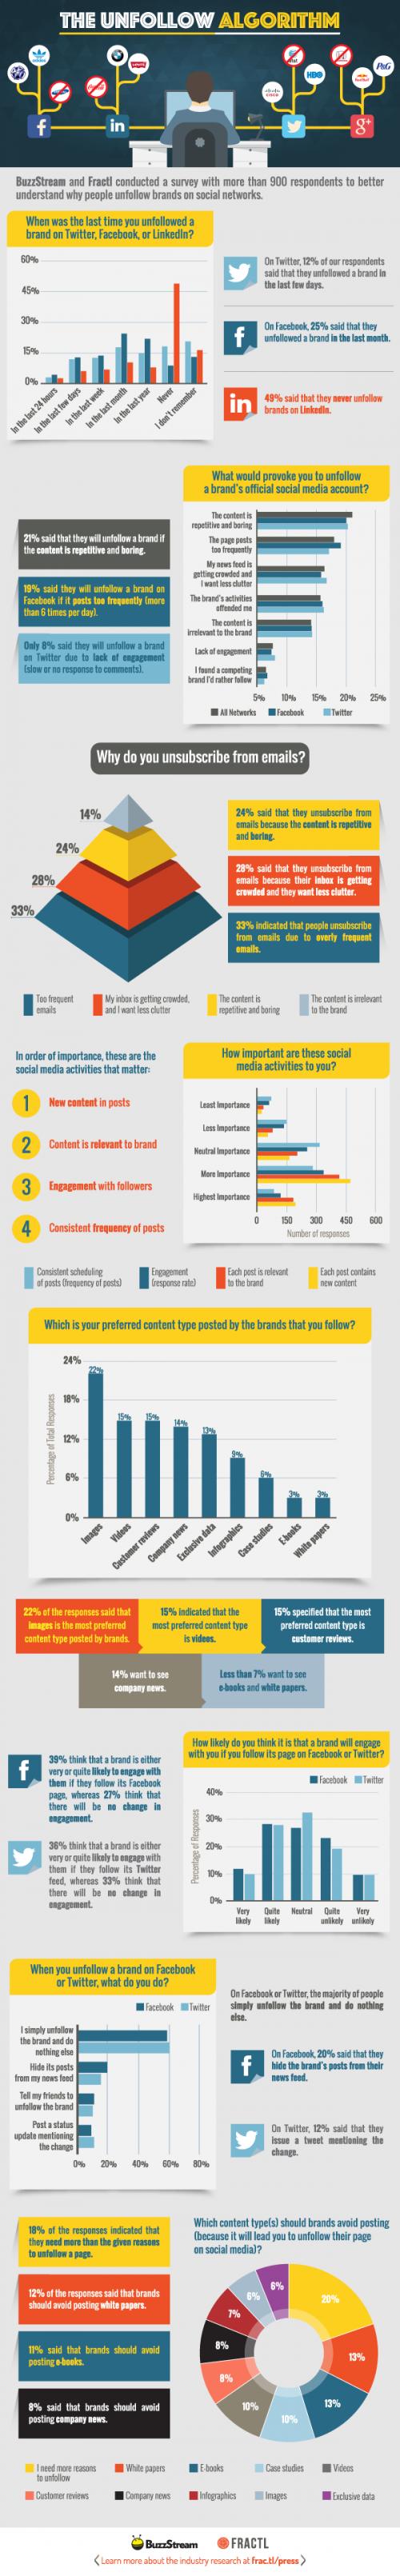 Infografía: ¿Por qué dejamos de seguir a las marcas en redes sociales?